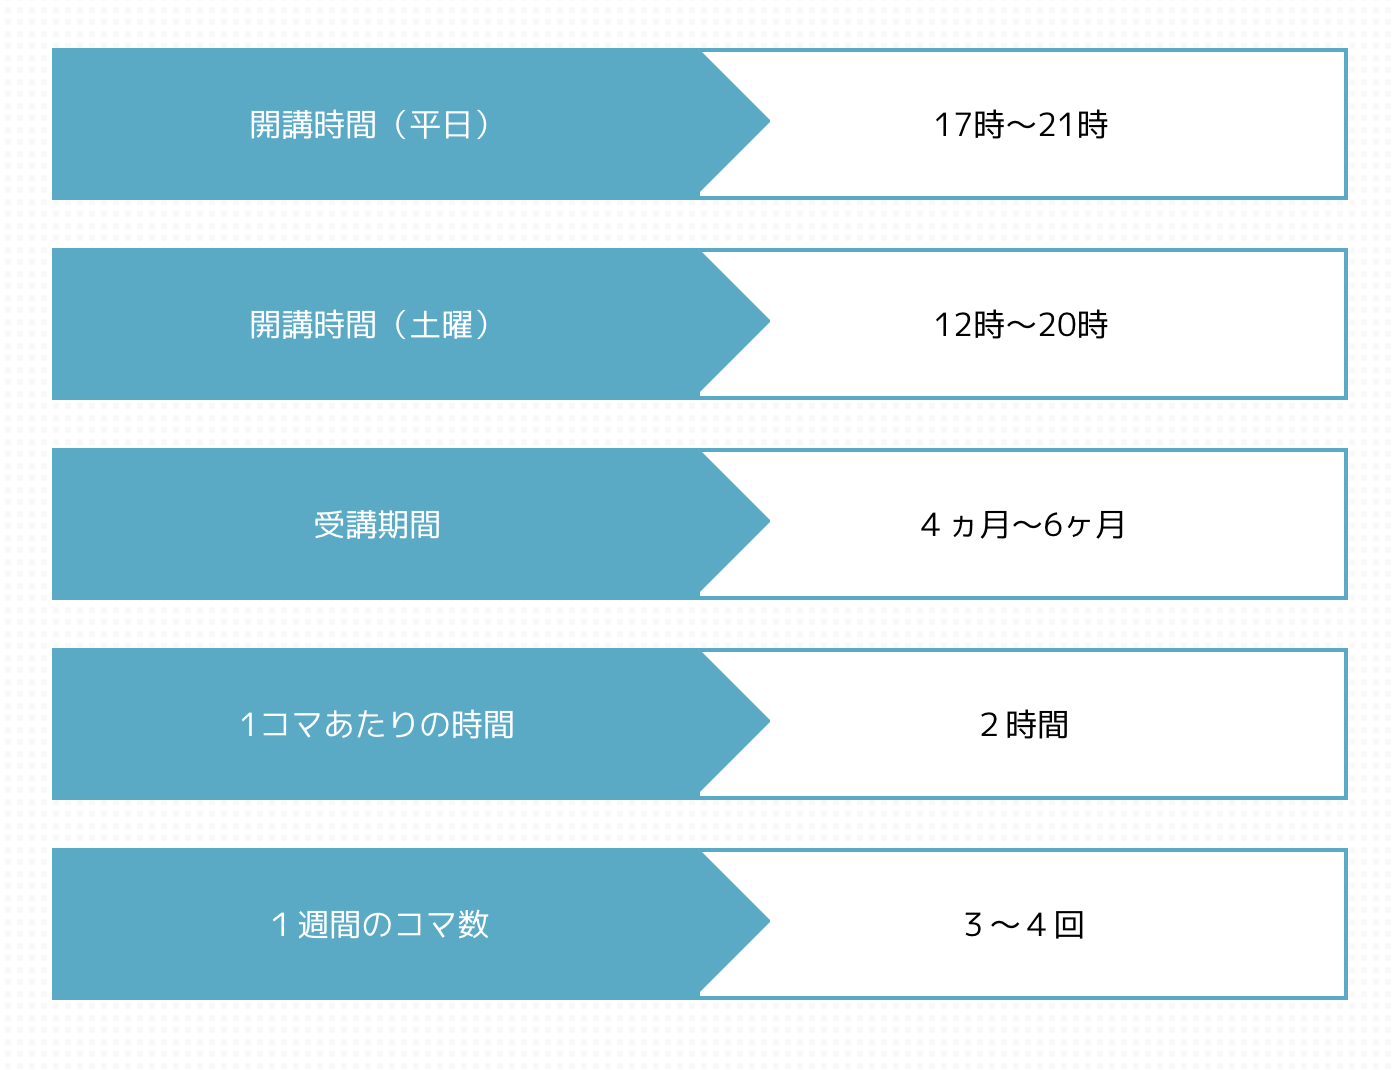 スクールのスケジュール